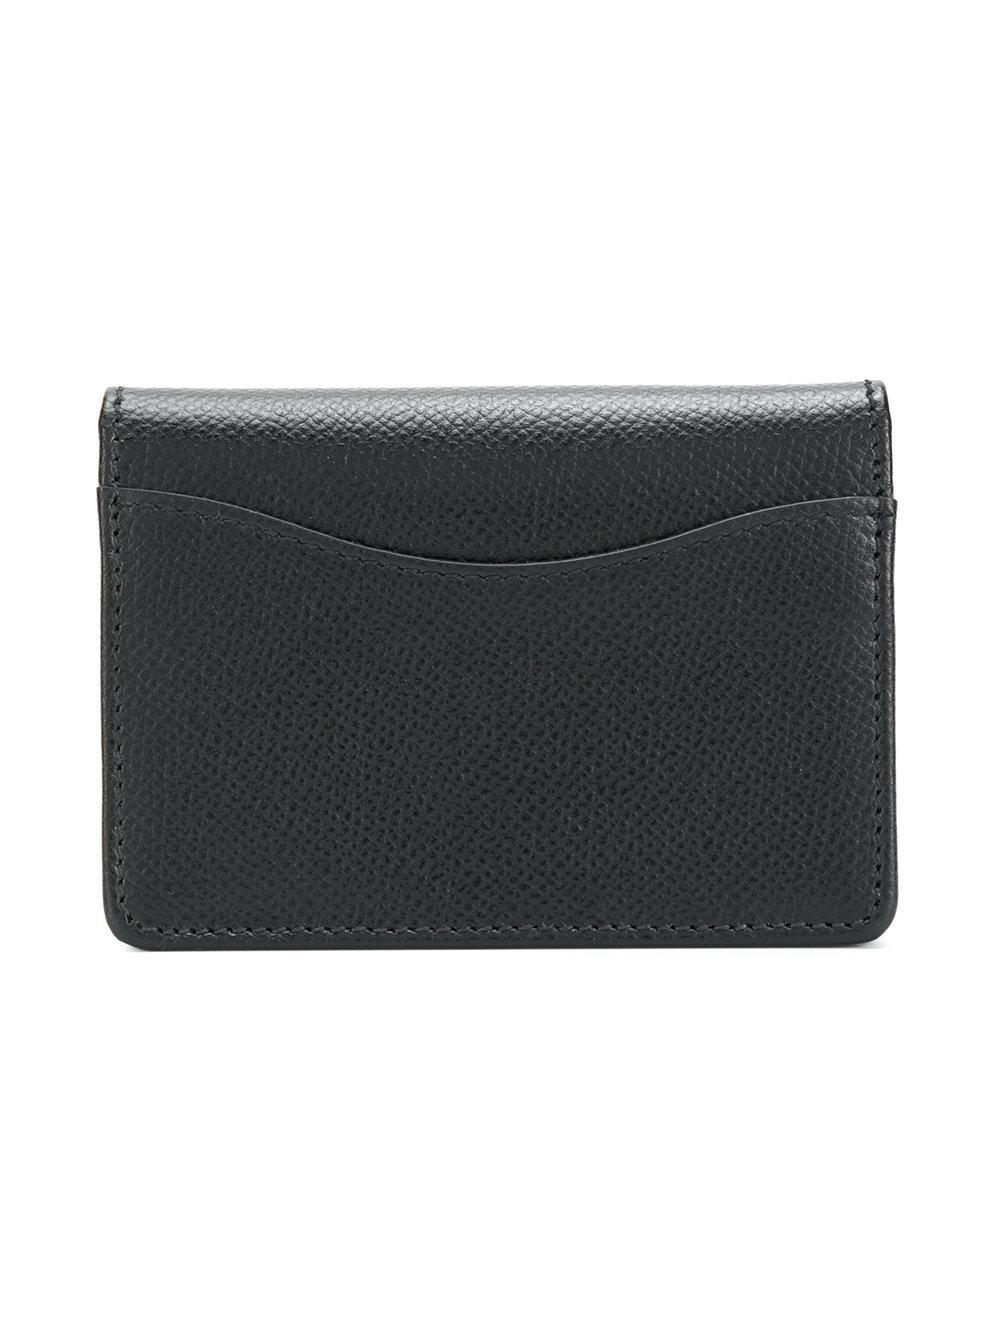 5c22c8670b11 Ferragamo - Black Gancino Clip Leather Clutch - Lyst. View fullscreen